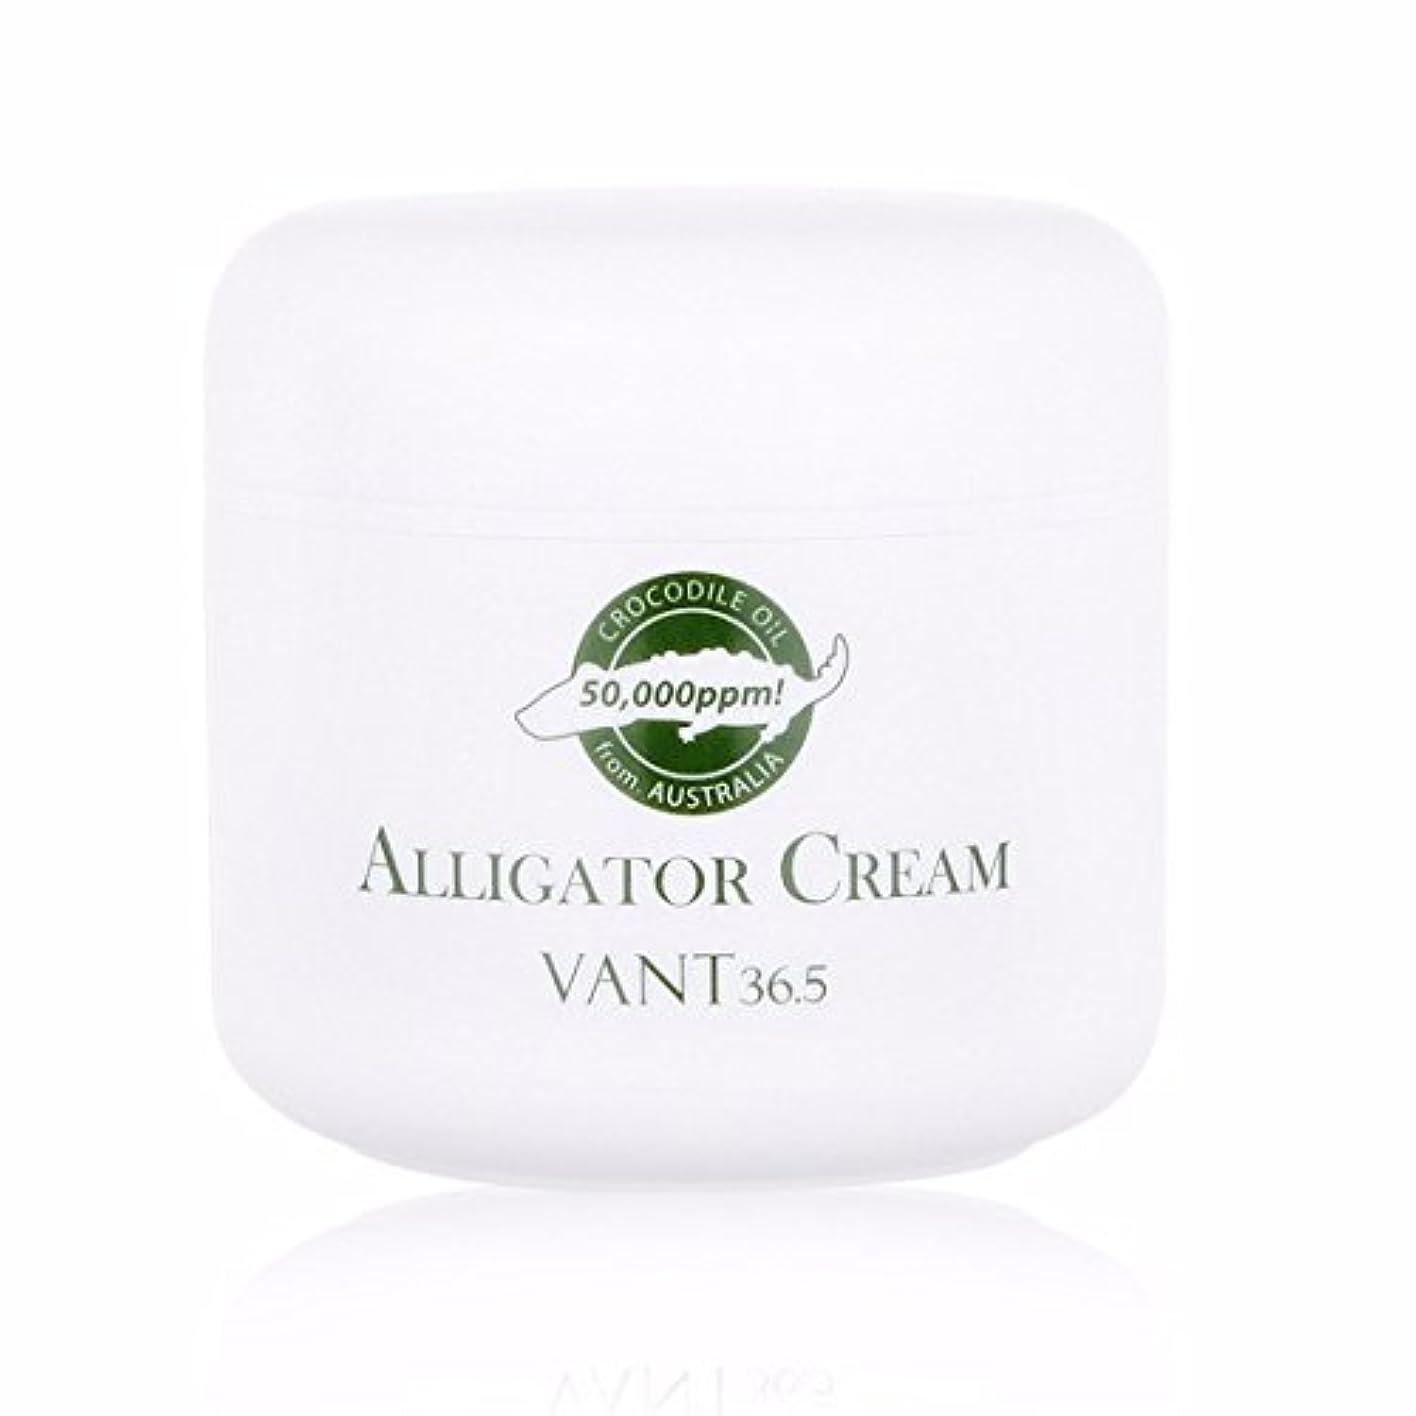 どれでもビート奨励バント36.5 ワニクリーム50ml[並行輸入品] / VANT 36.5 Alligator Cream 50ml (1.69fl.oz.) for Nourishing, Moisturizing cream